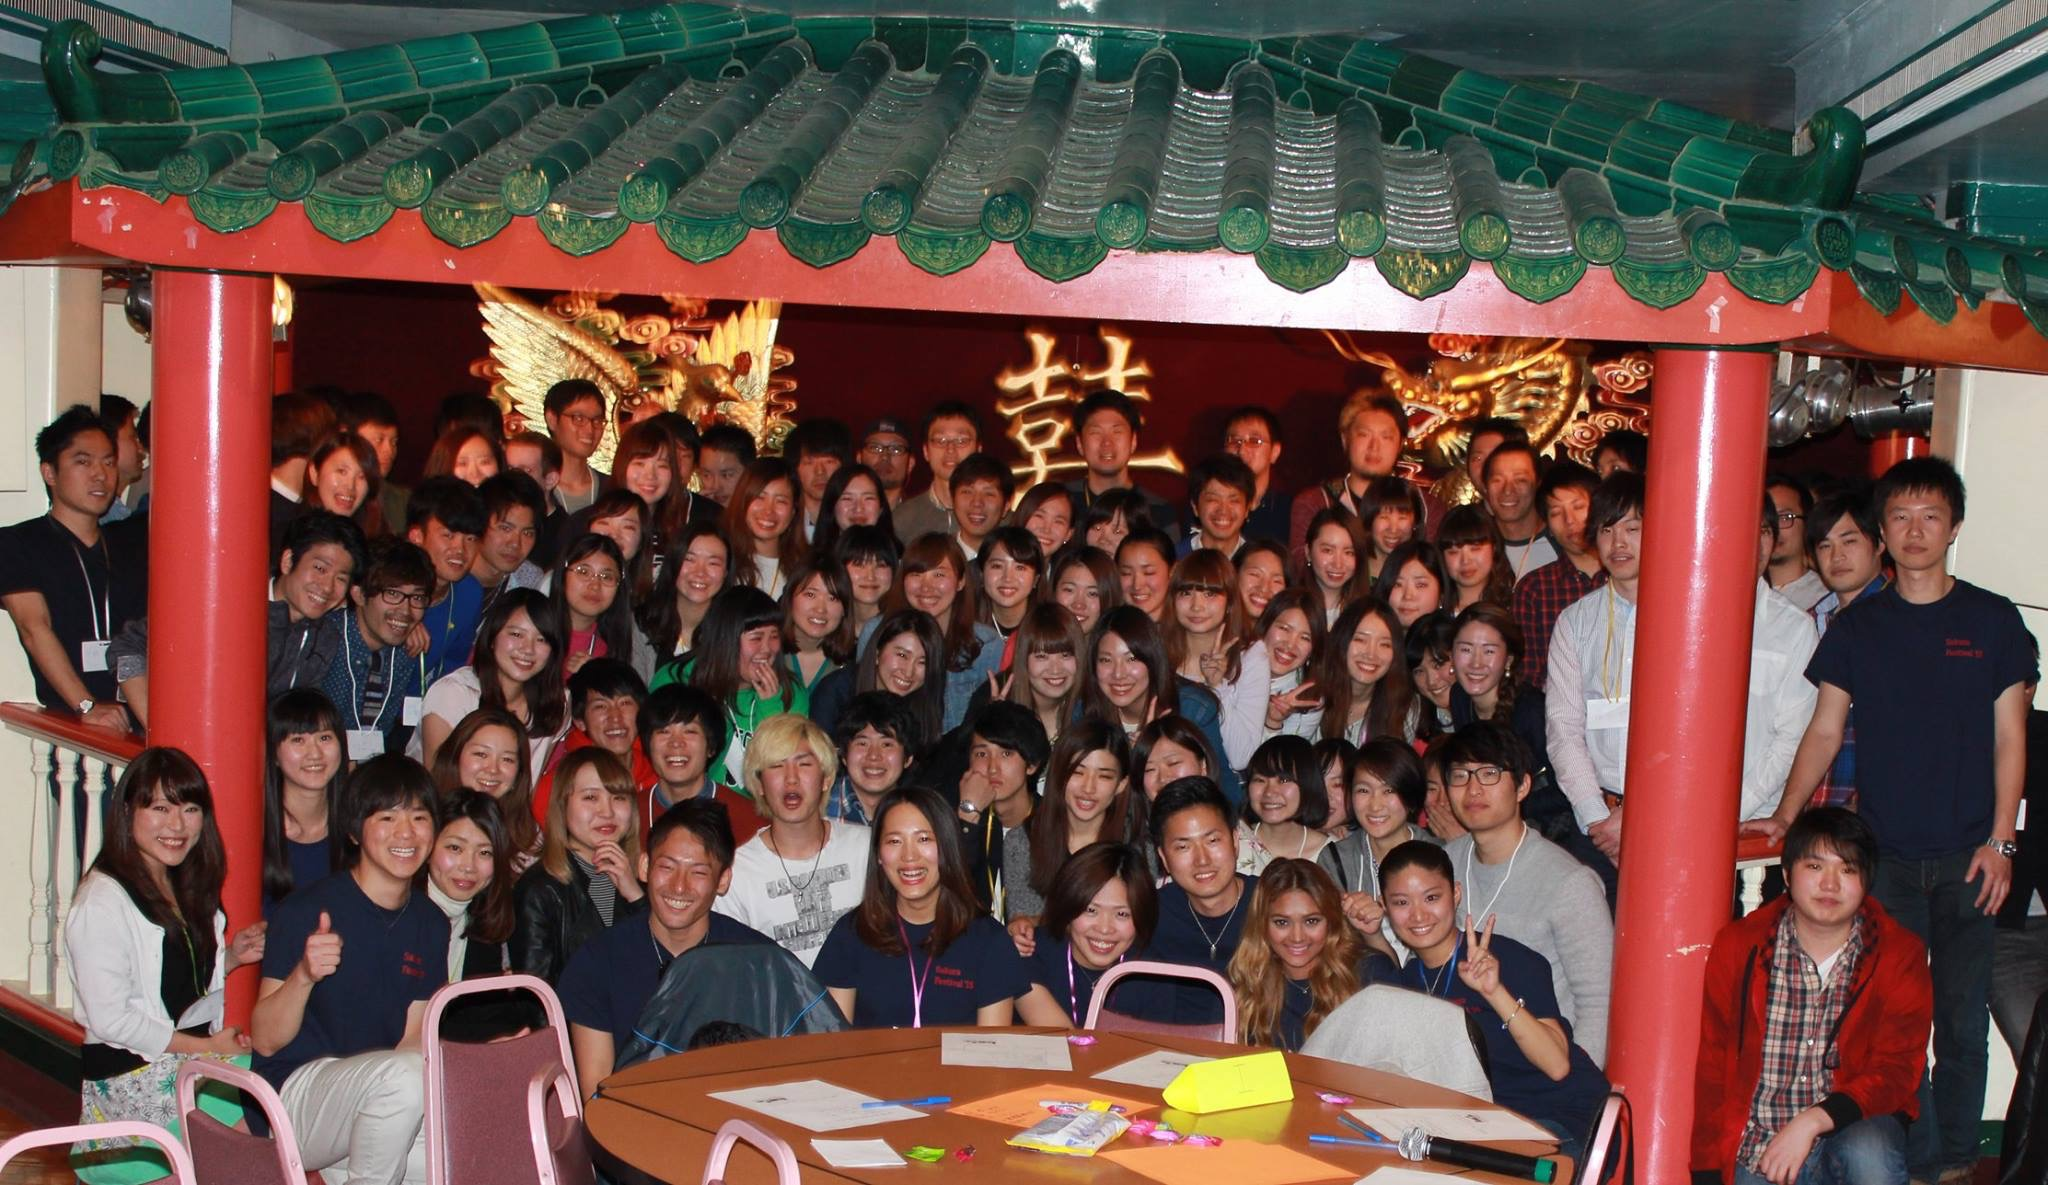 大学の日本人学生会の立ち上げに携わり、初めてのイベントで100人以上の参加者を集めた